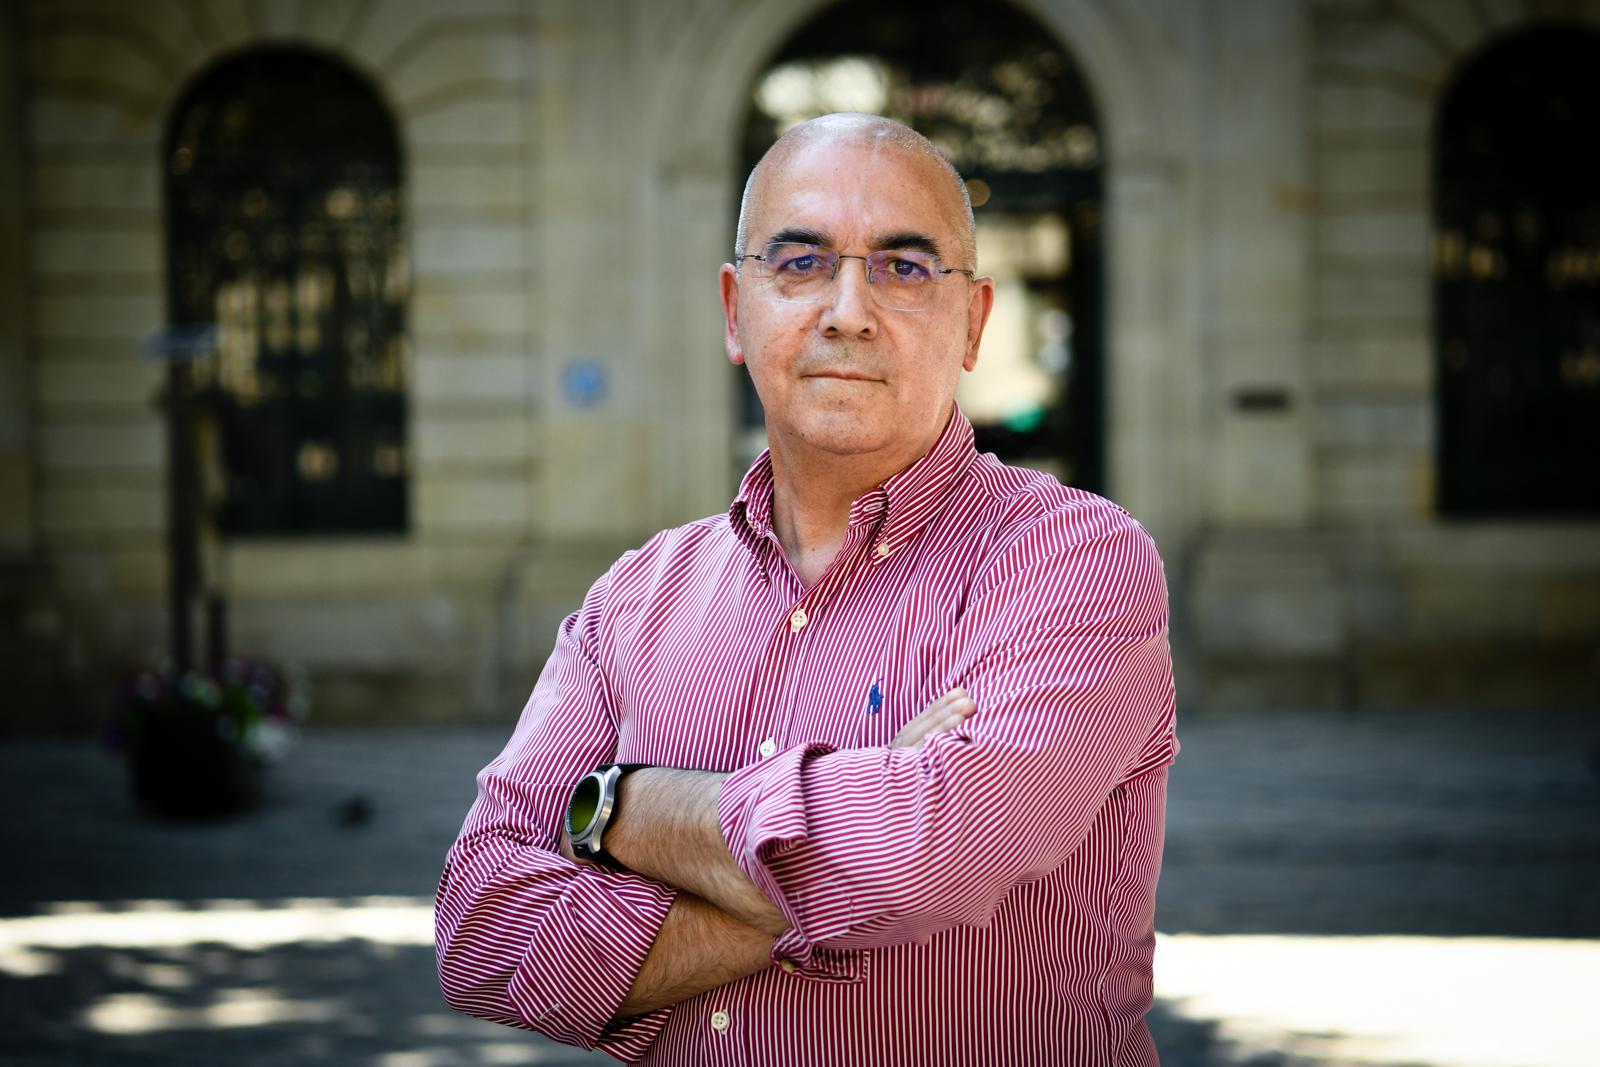 Fernando Figueiredo candidato para as autárquicas pelo Iniciativa Liberal